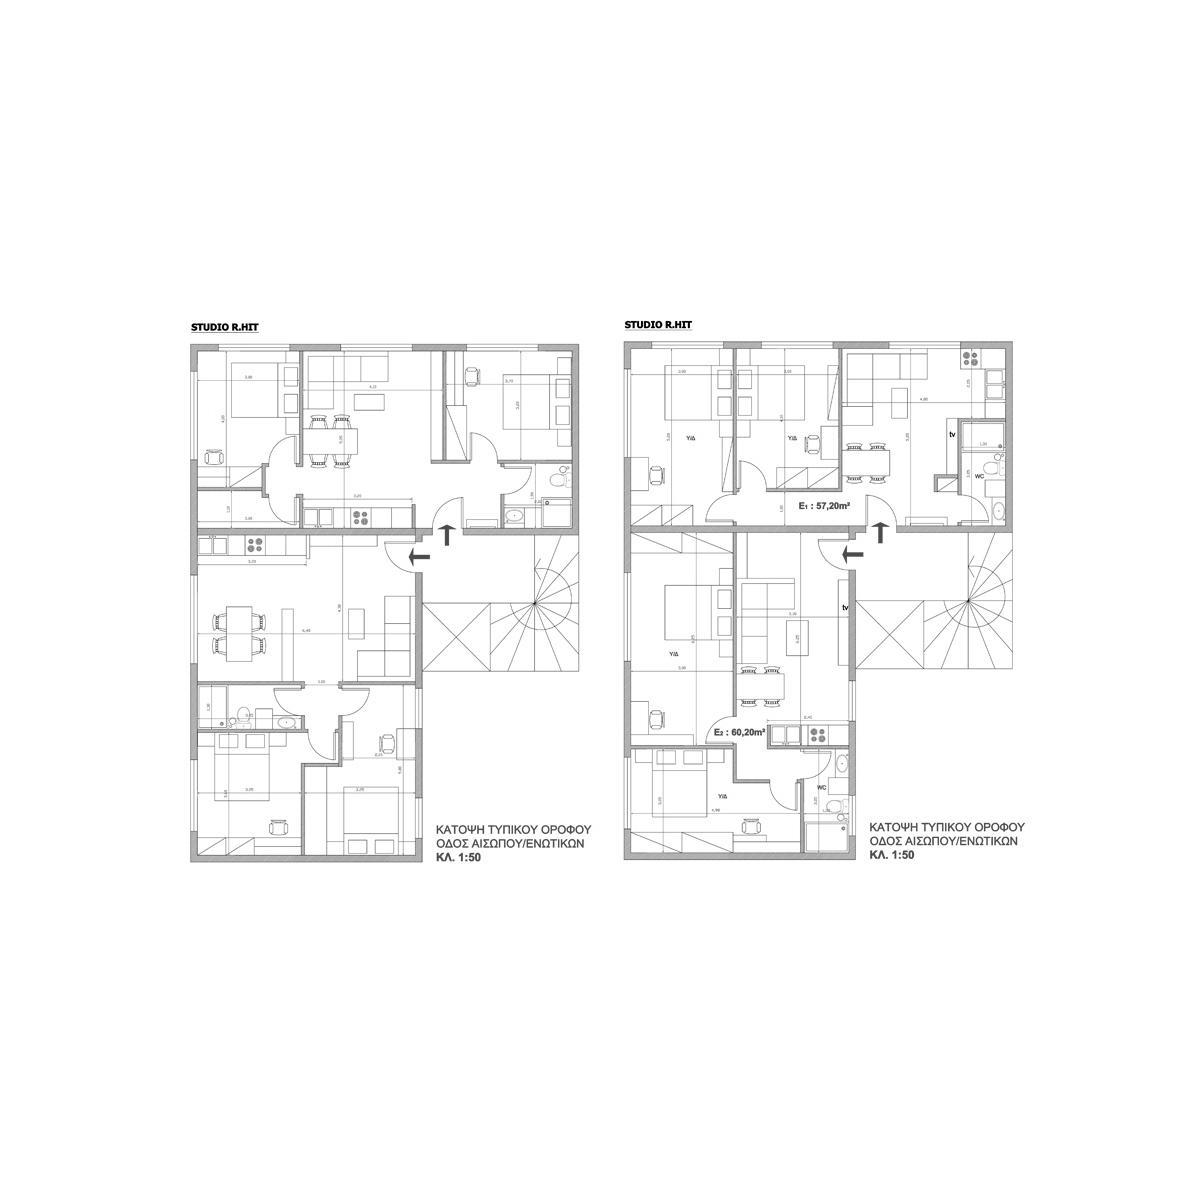 Αρχιτεκτονική μελέτη 01